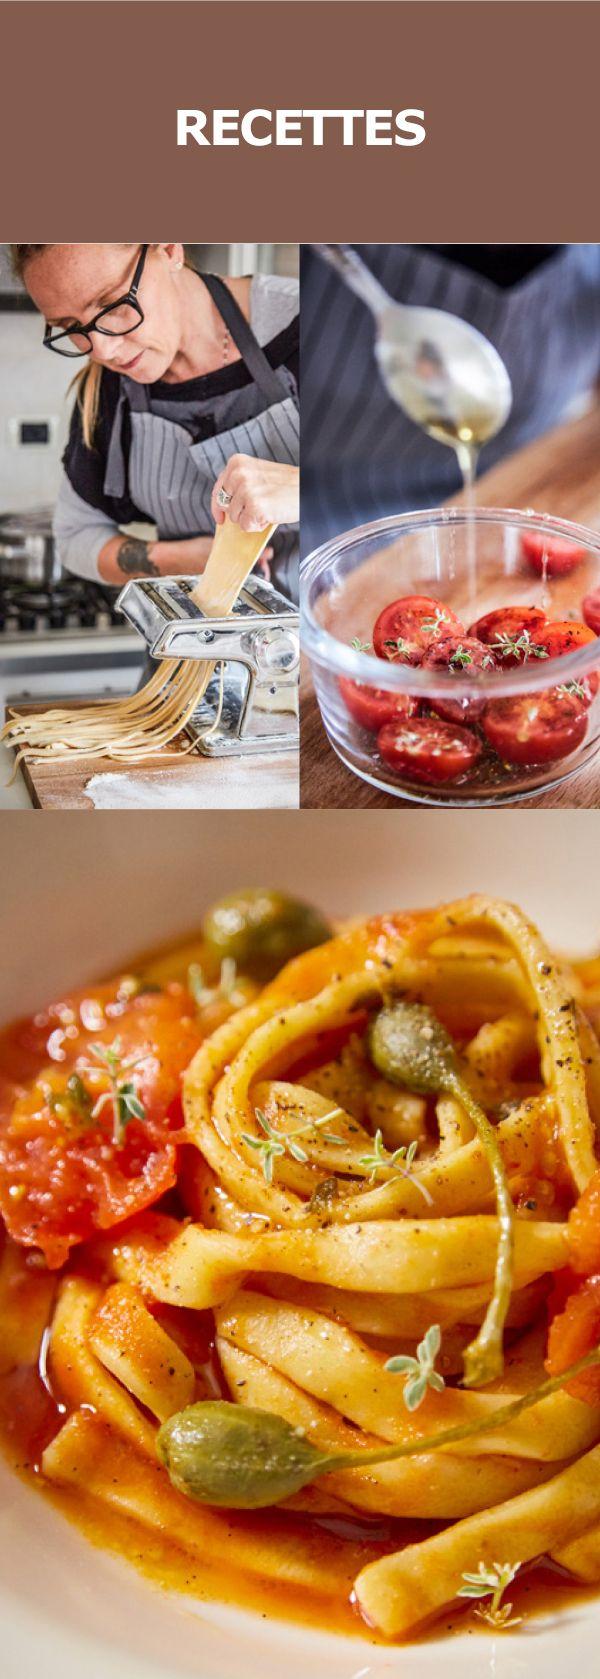 Voici un plat réconfortant réinventé : des fettucines maison servies avec tomates, vanille et câpres. Nos assiettes creuses VÄRDERA et notre planche à découper APTITLIG rendent la préparation aussi agréable que la dégustation.